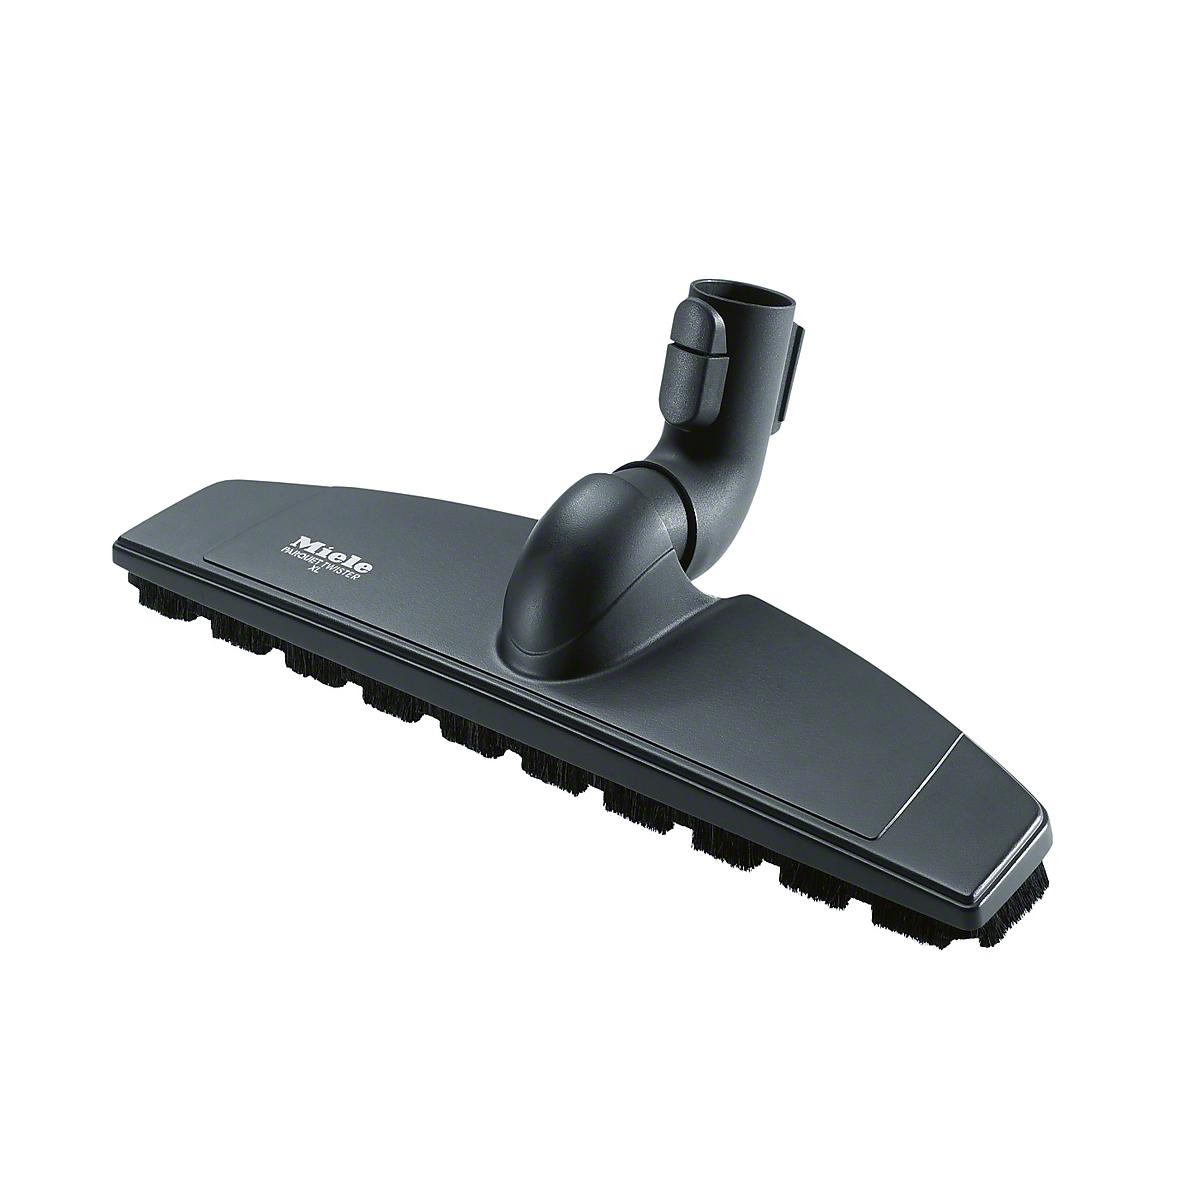 Miele brosse pour sol parquet twisterxl 3 aspirateur sbb4003 7101160 refe - Brosse rotative electrique pour sol ...